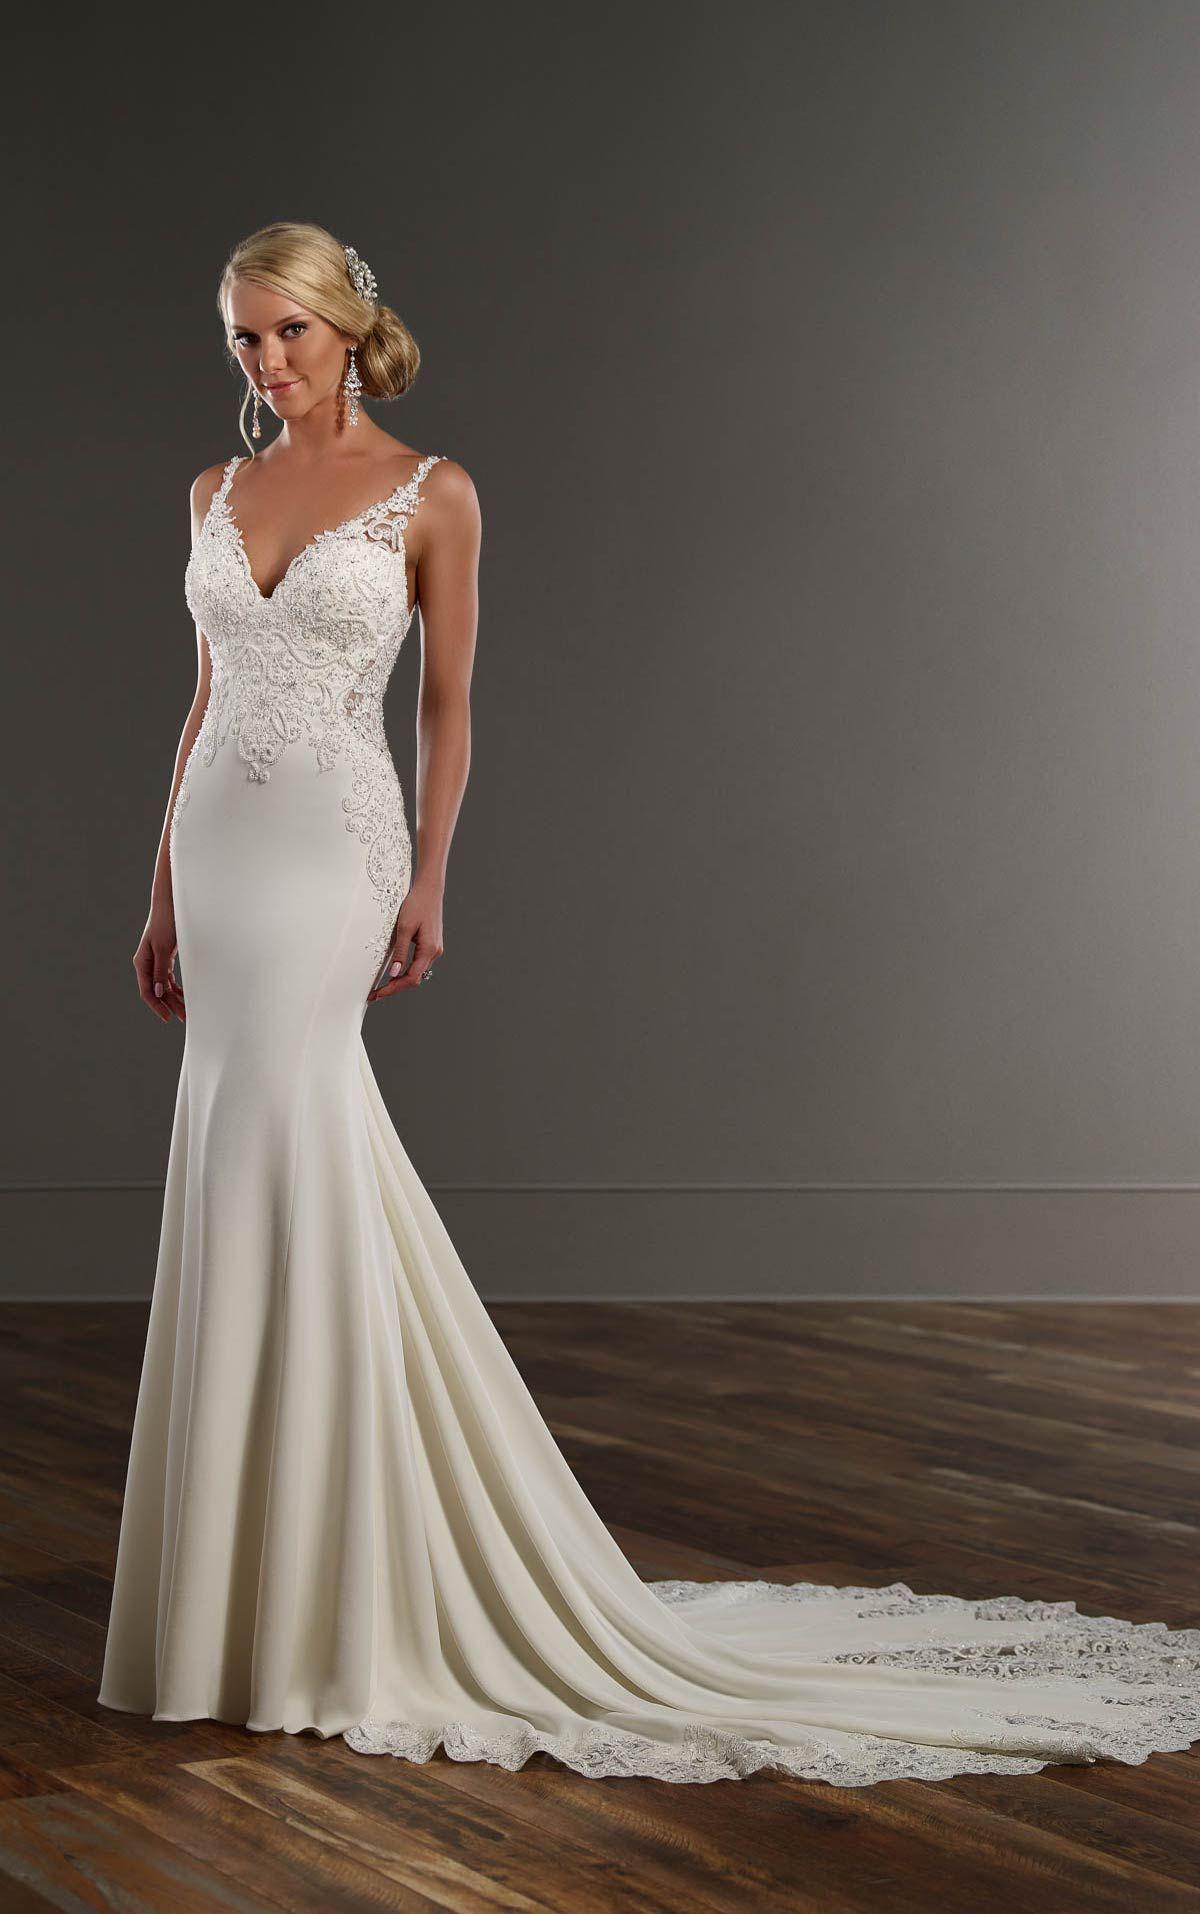 Organza Fit and Flare Wedding Gown | Hochzeitskleider, Brautkleider ...